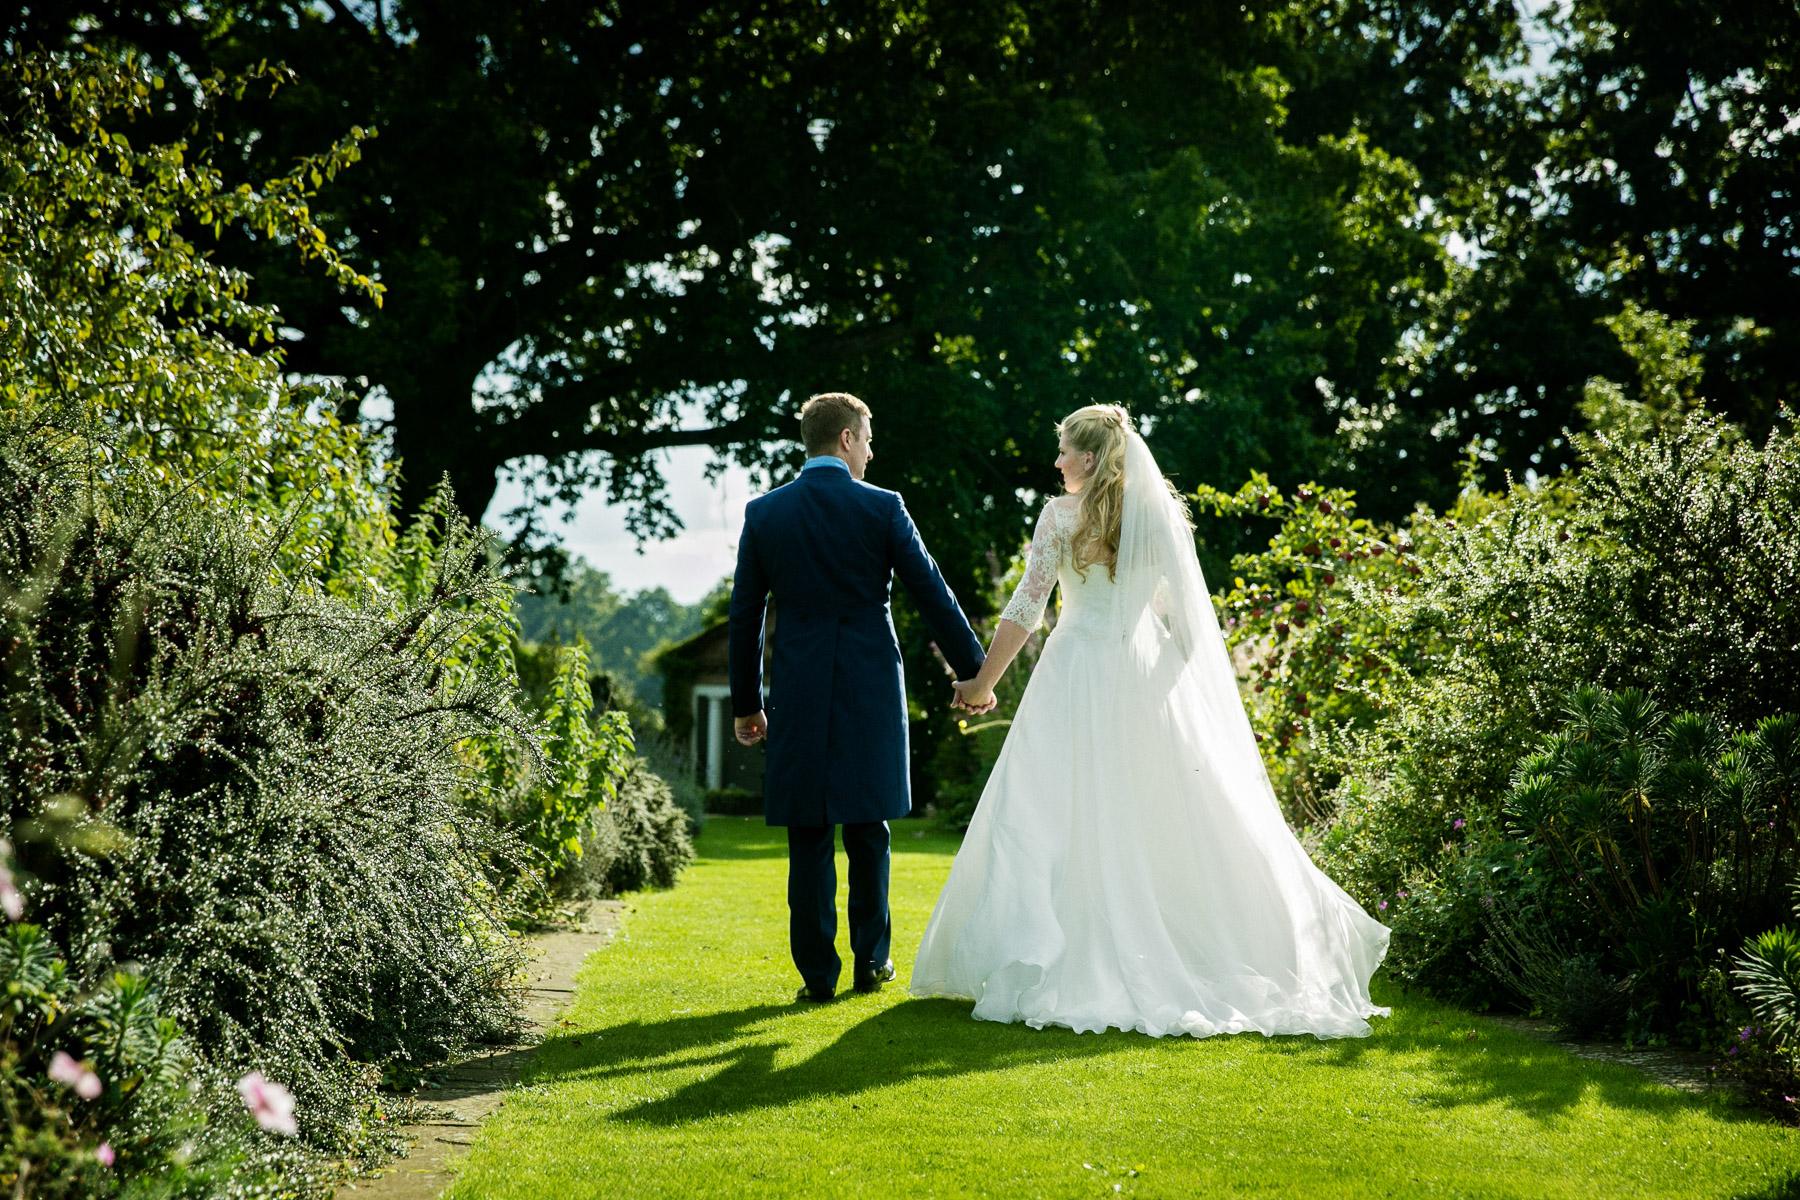 wedding portfolio 25-09-17  074.jpg